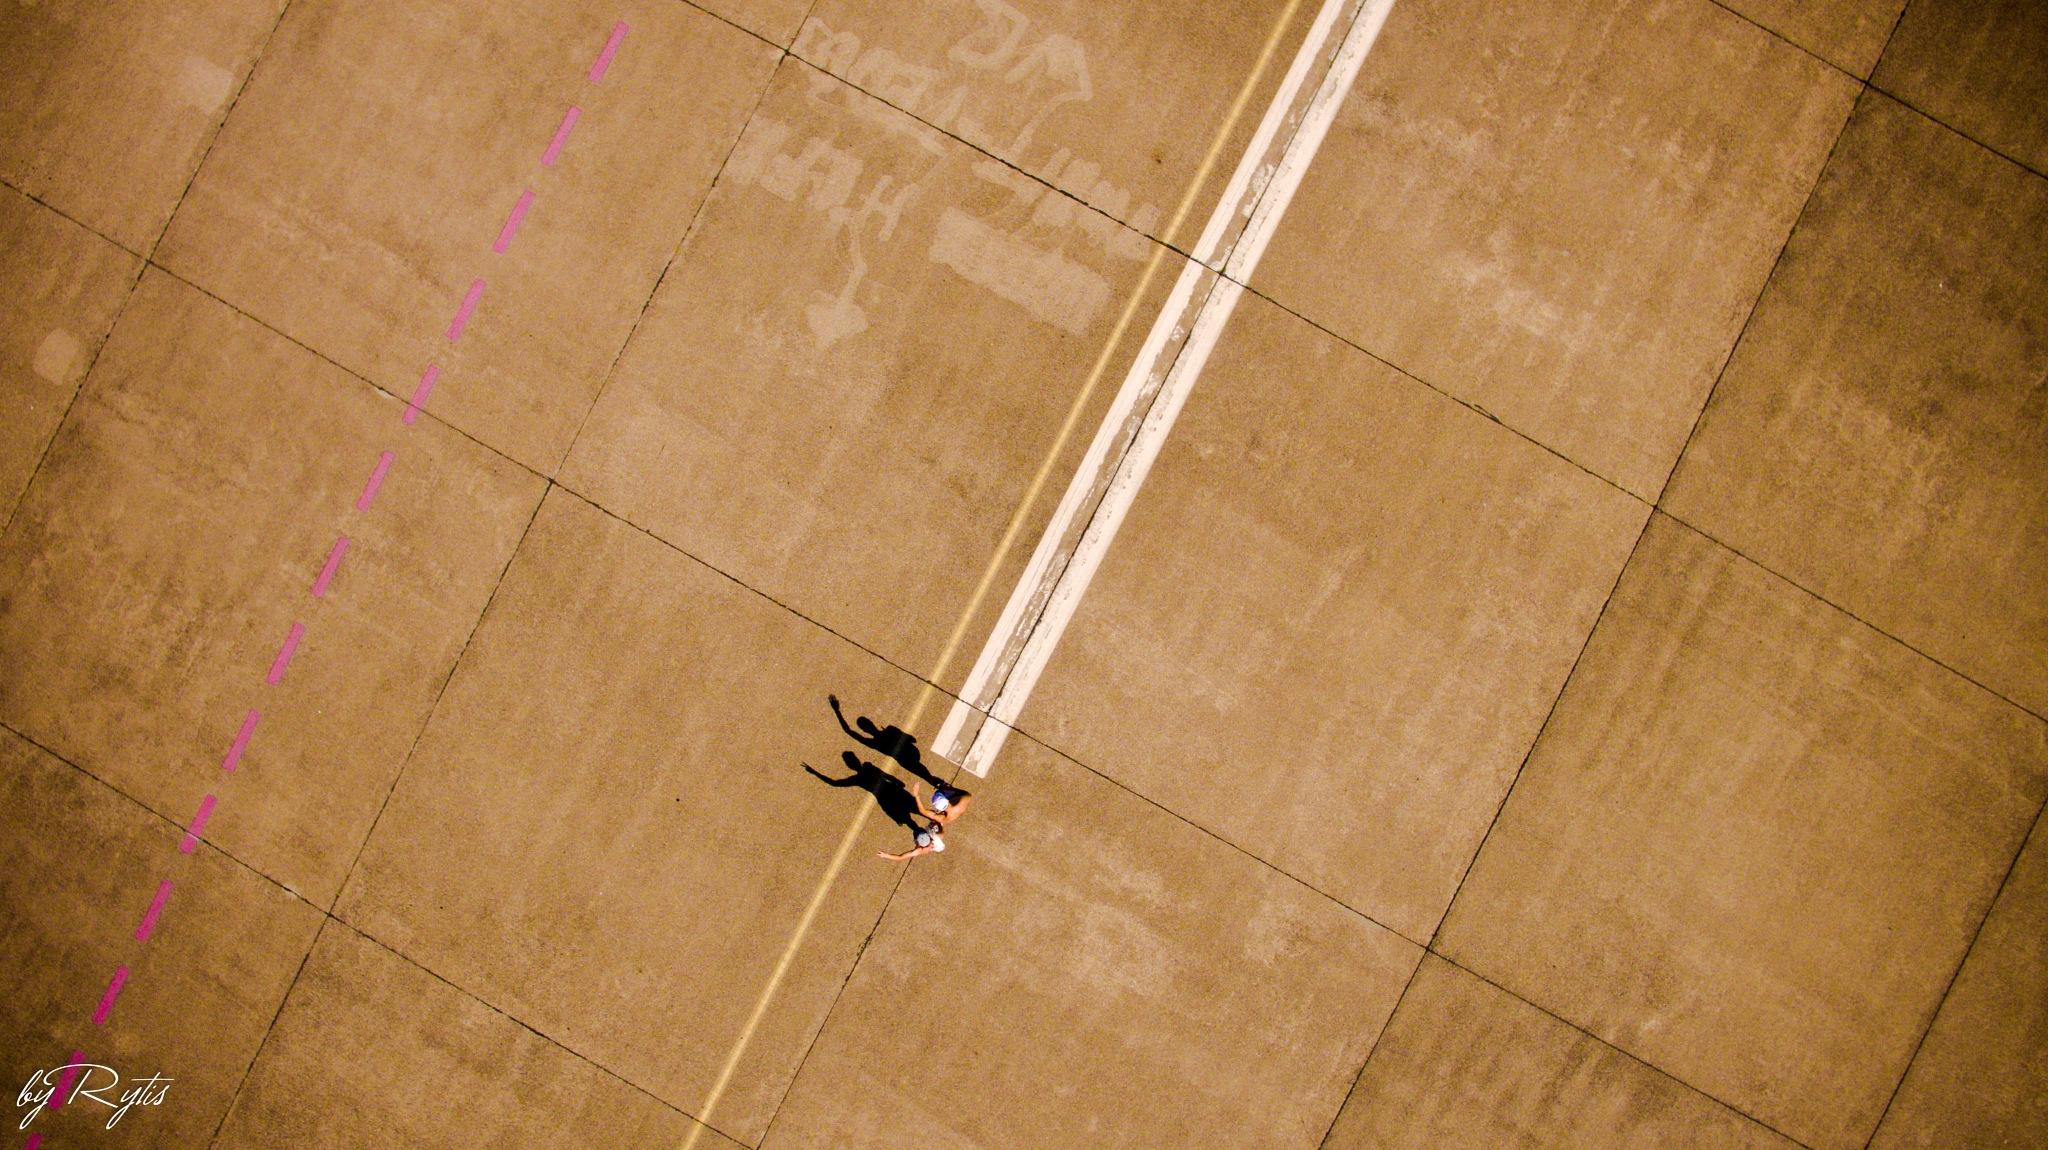 Runway 09 L Tempelhof, Berlin by rytiss50